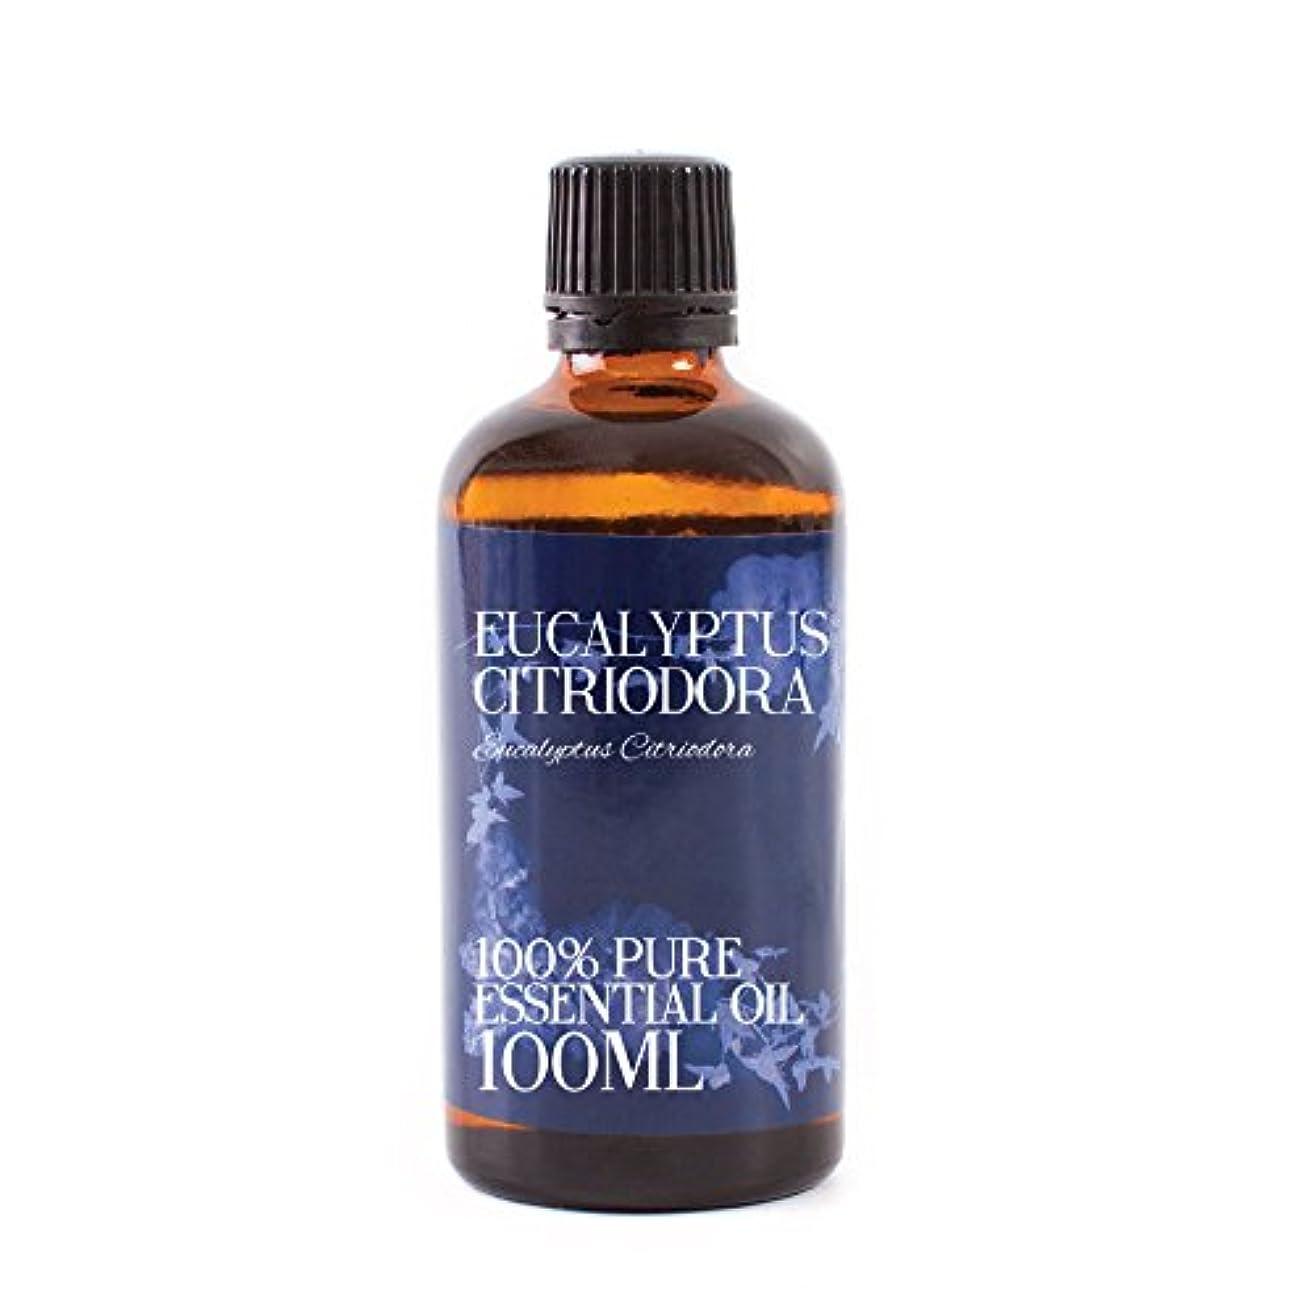 引き付ける違反する高価なMystic Moments | Eucalyptus Citriodora Essential Oil - 100ml - 100% Pure